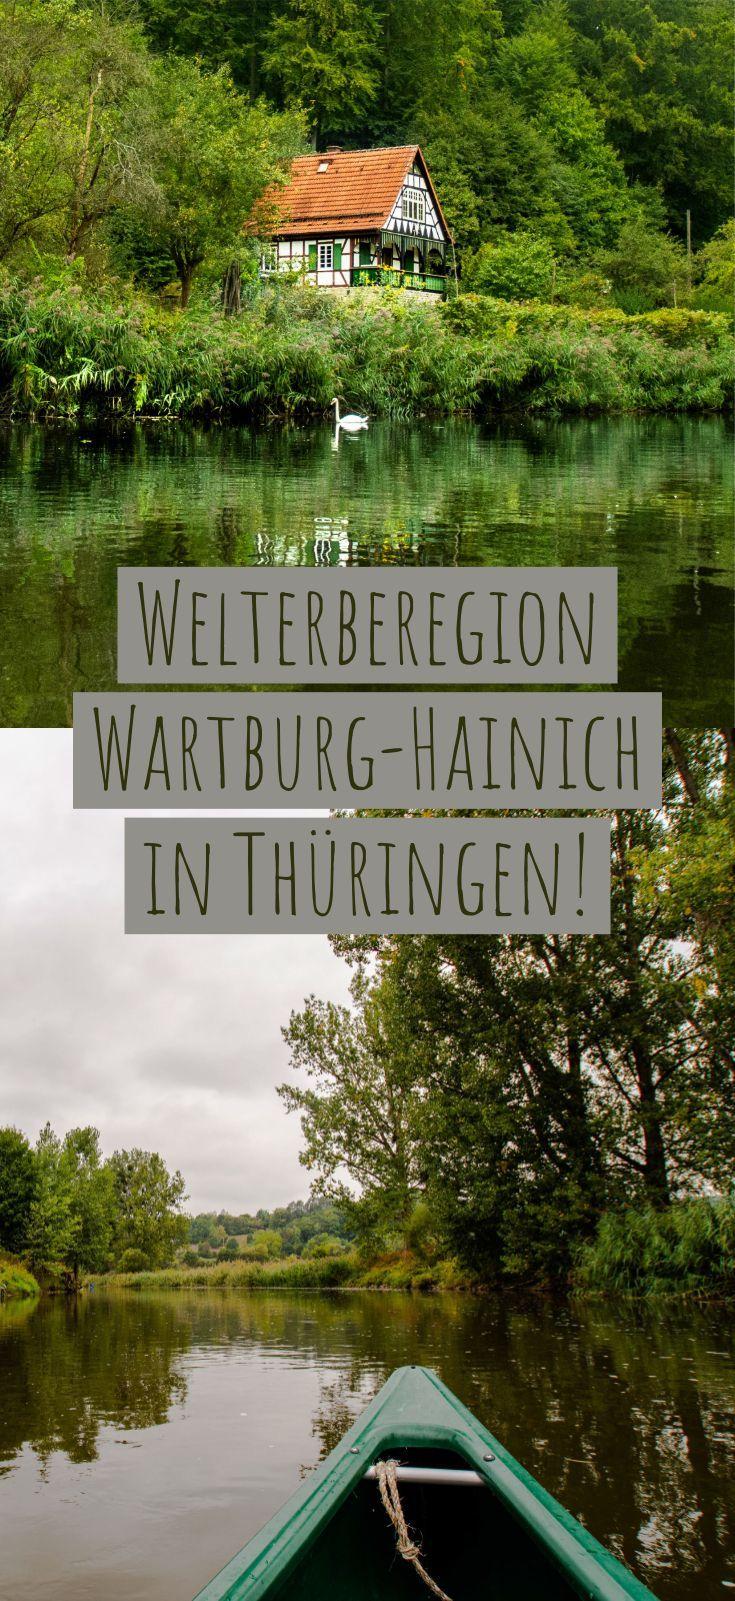 Was Kannst Du In Der Welterberegion Wartburg Hainich Erleben Sophias Welt Burg Urlaub In Deutschland Wartburg